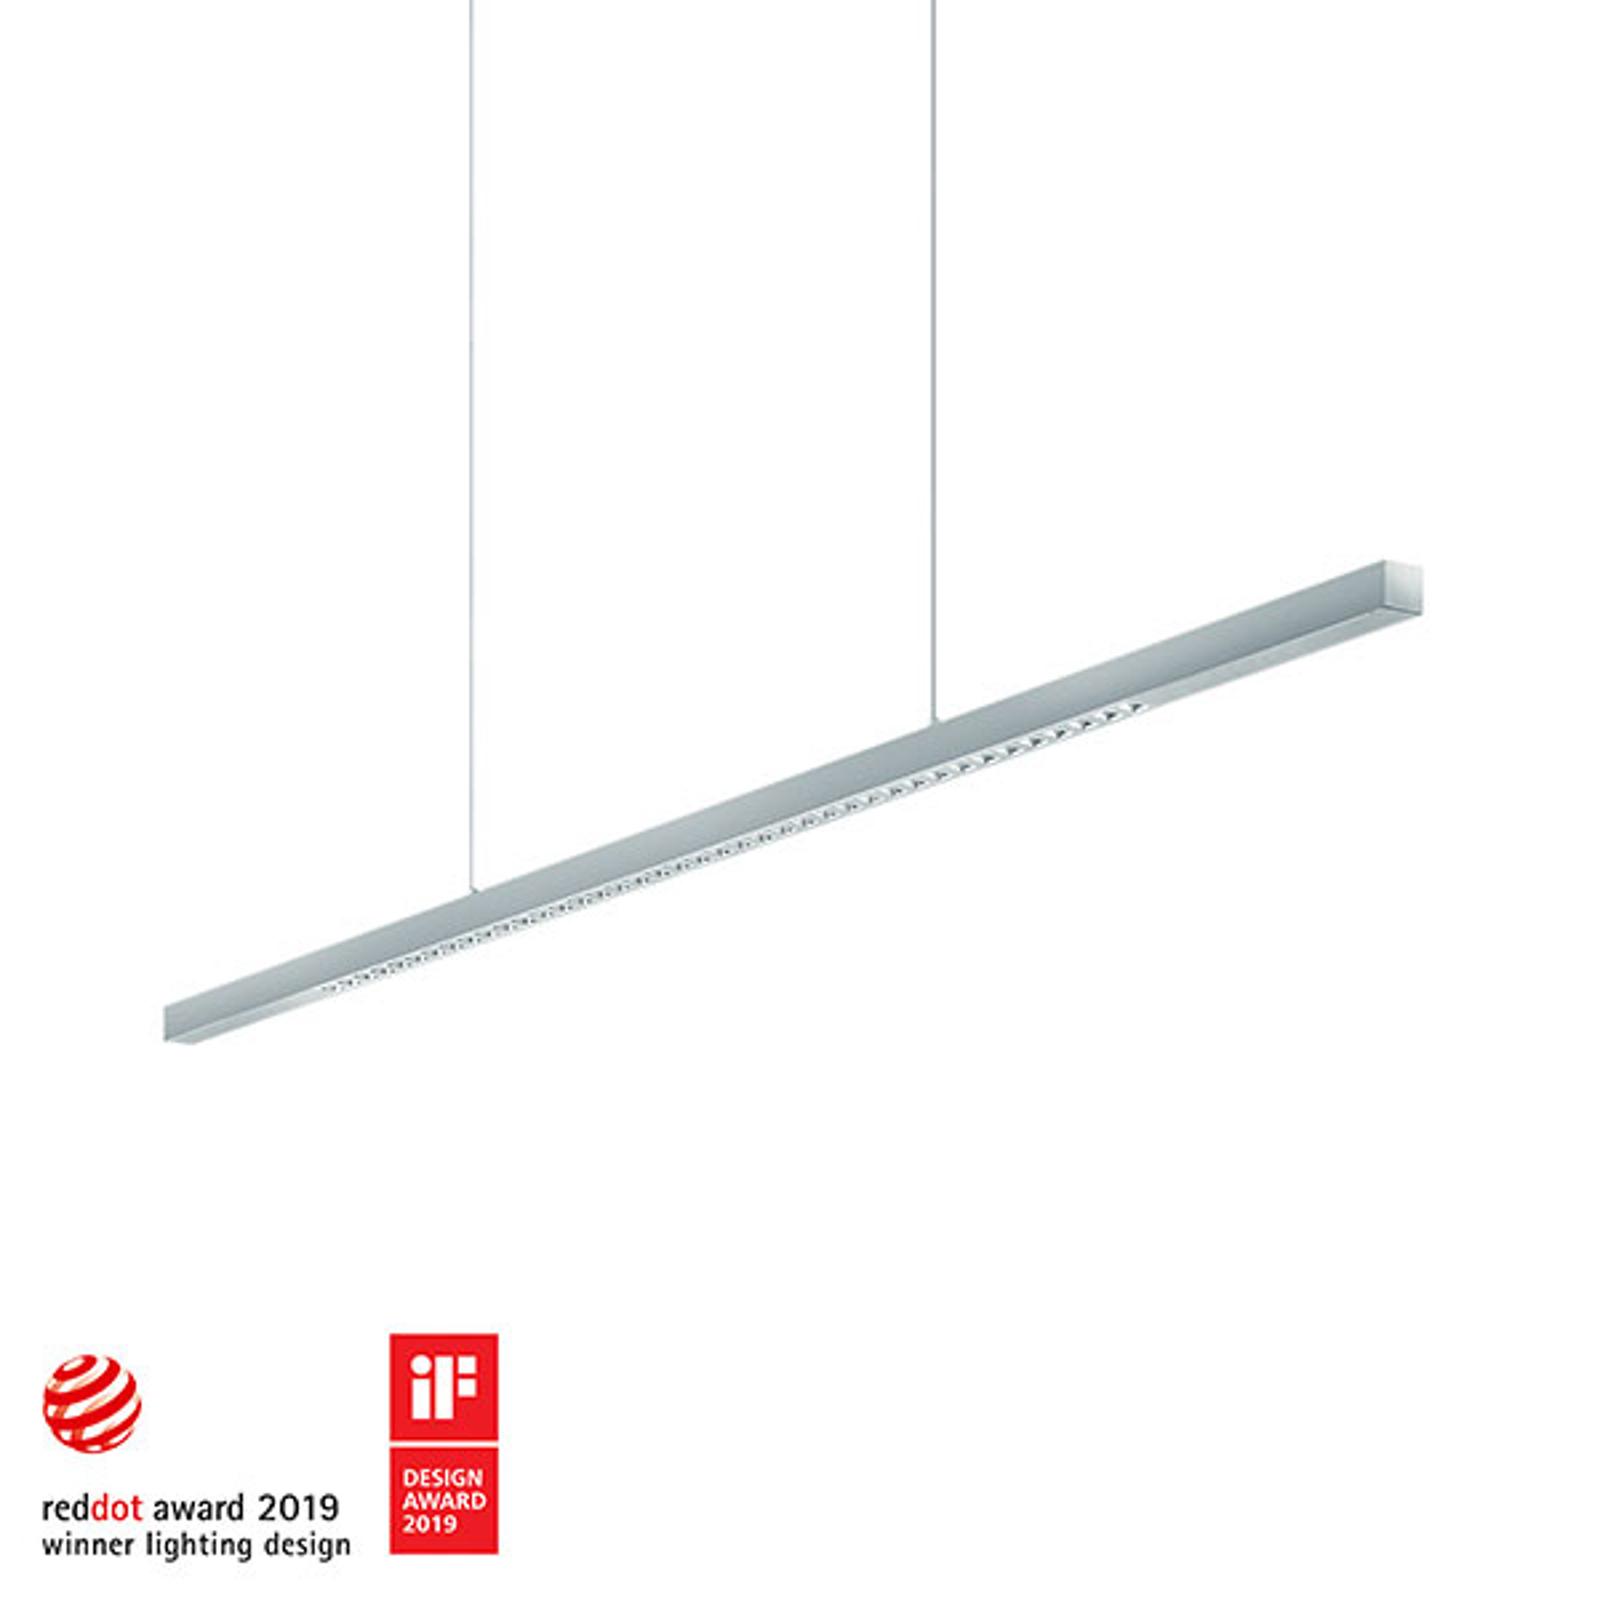 Zumtobel Linetik LED-Hängeleuchte silber 3.000K